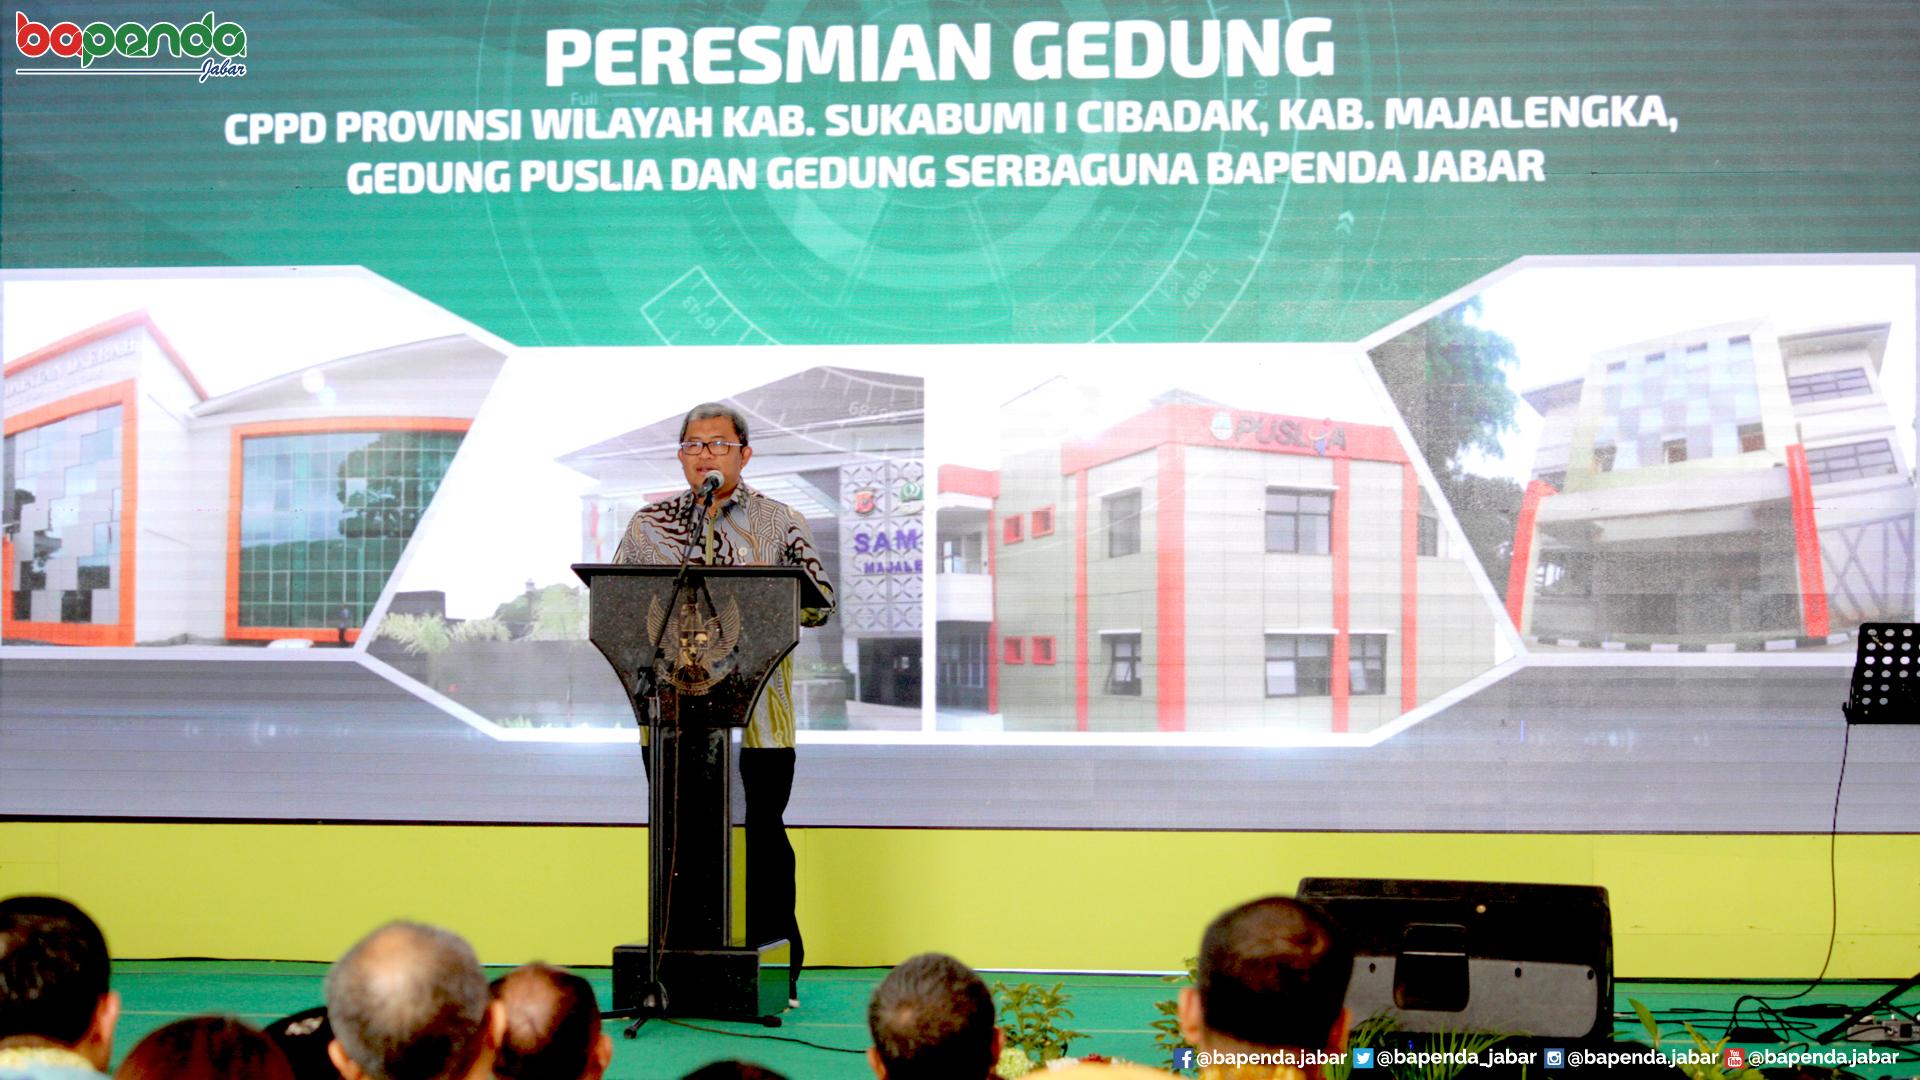 Peresmian CPPD Cibadak oleh Gubernur Jawa Barat Ahmad Heryawan